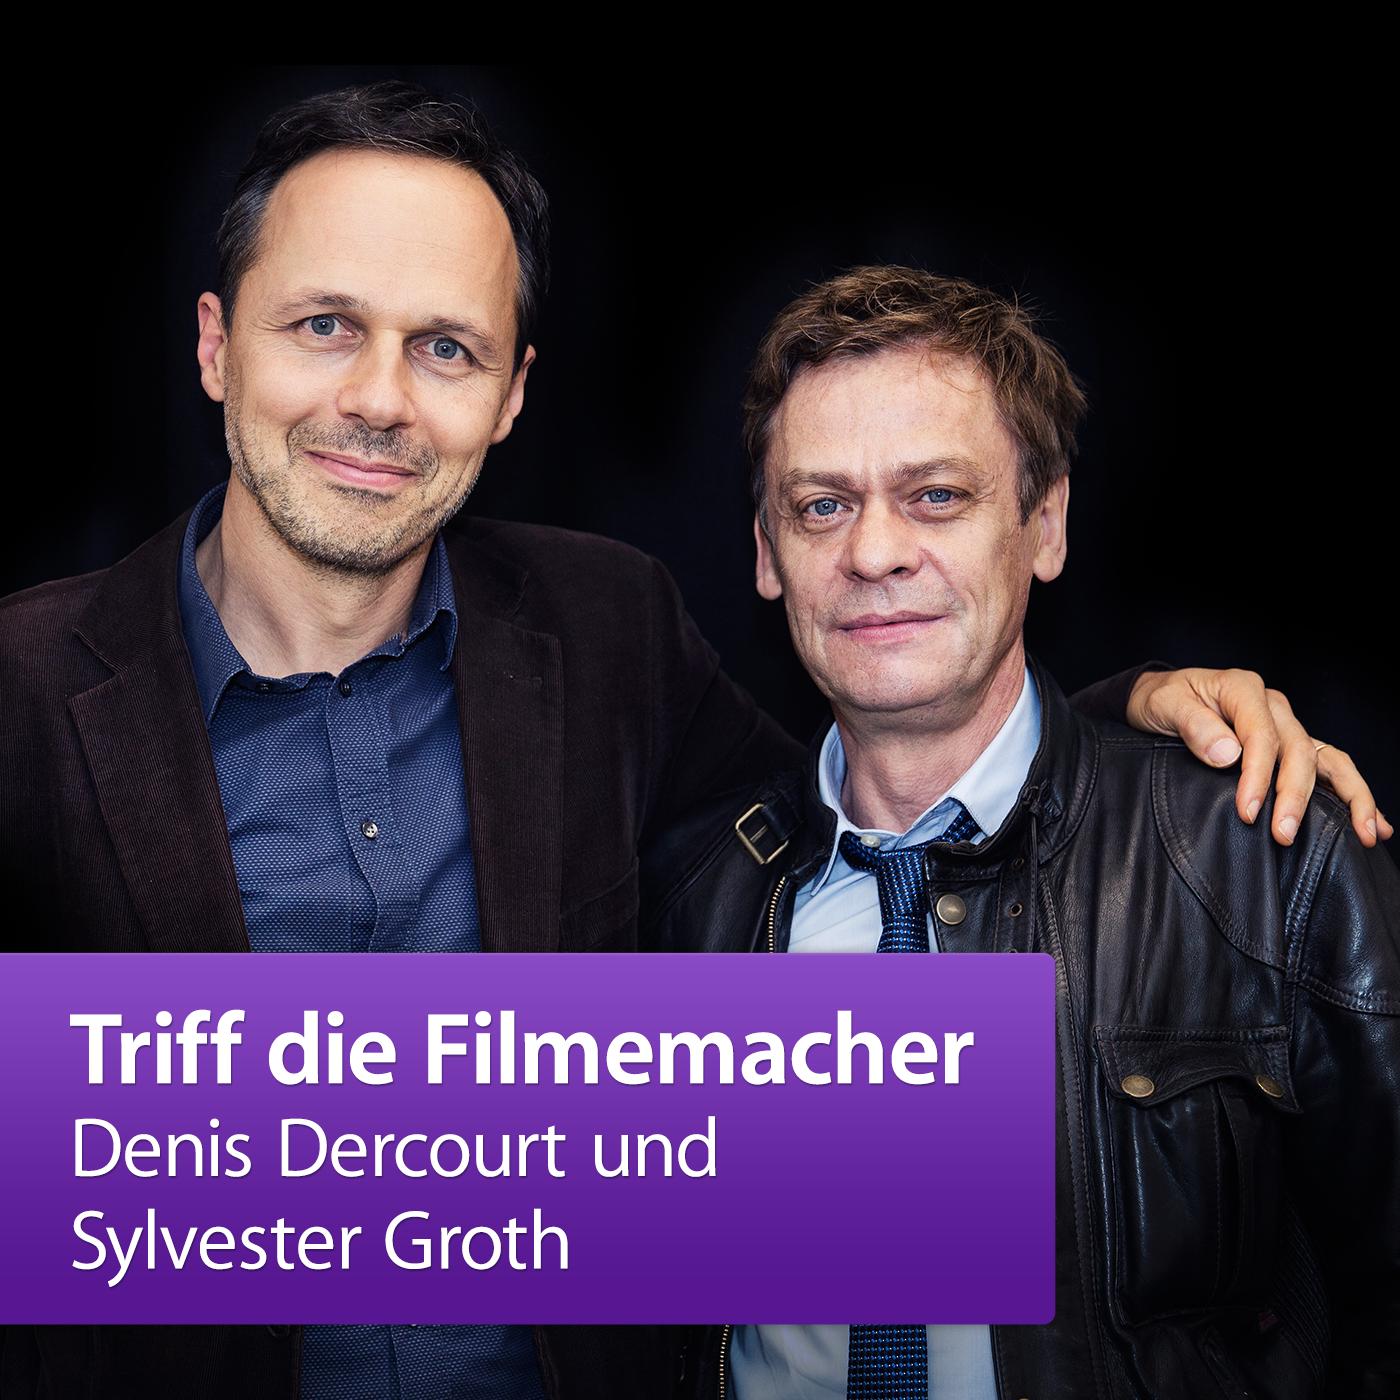 Denis Dercourt und Sylvester Groth: Triff die Filmemacher